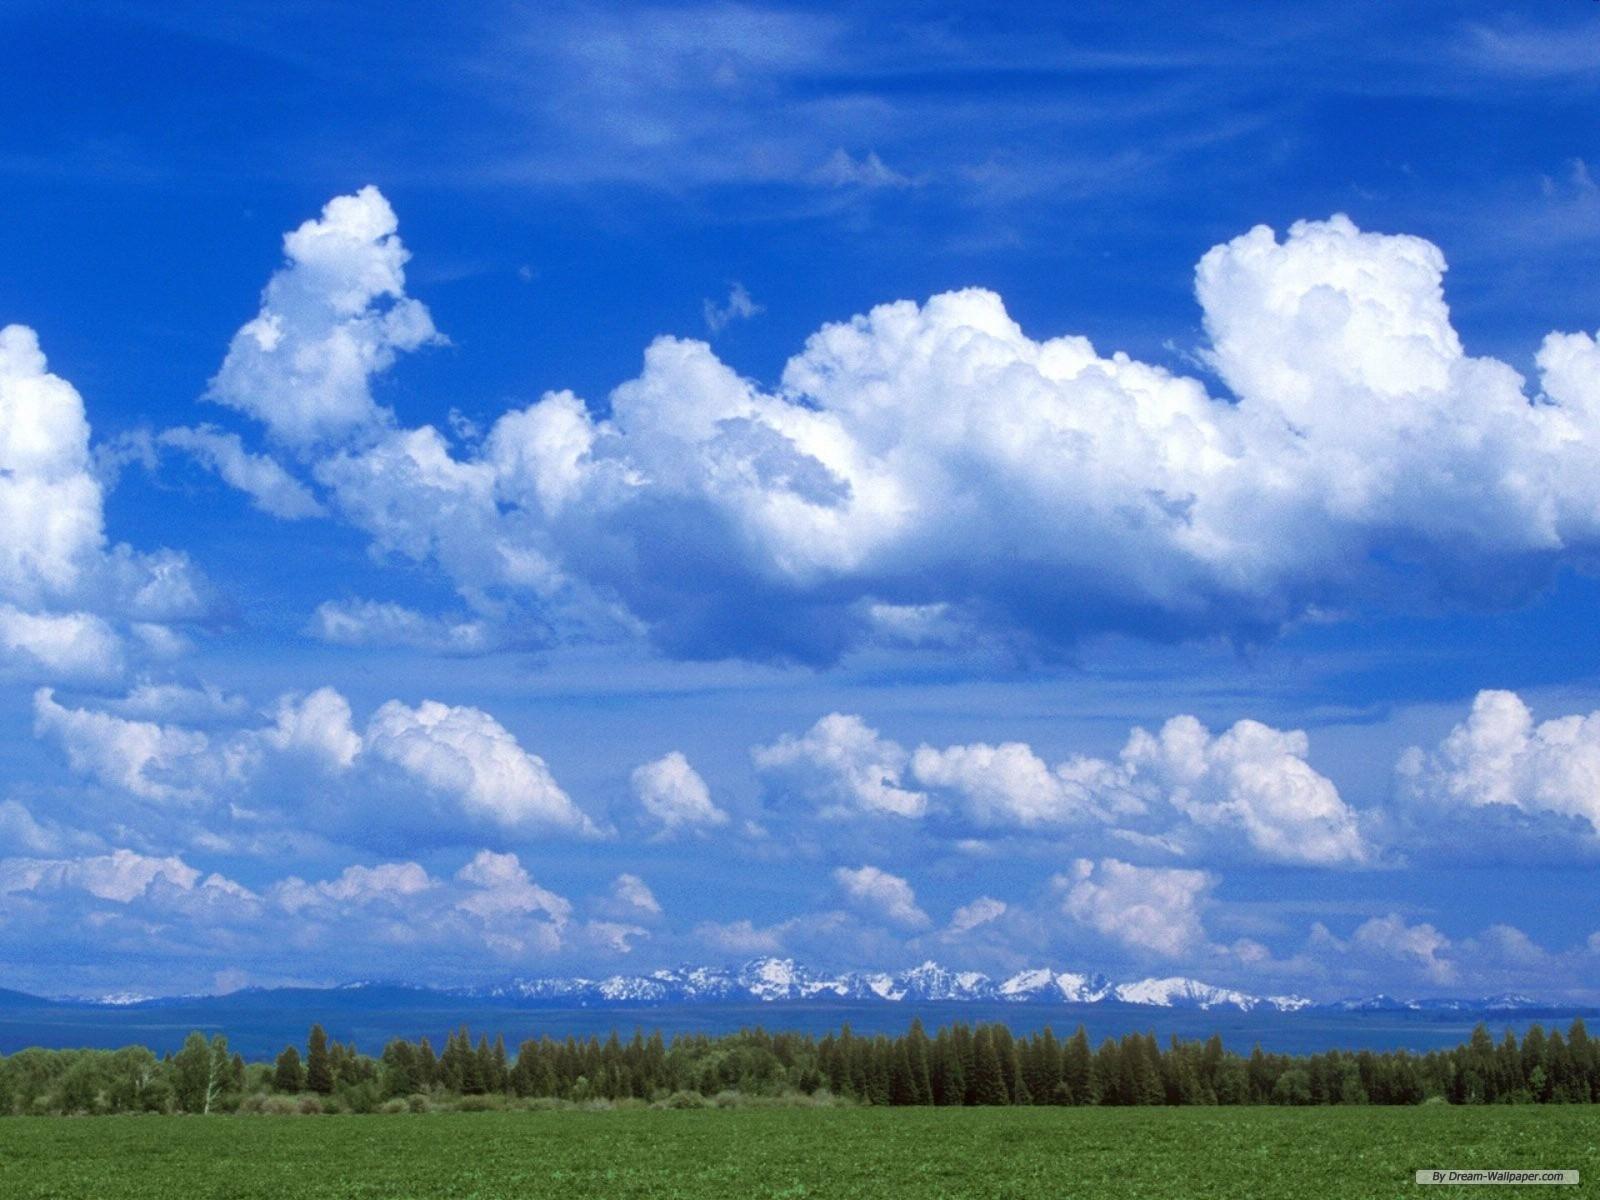 cloud Wallpaper Wallpapers   High resolution Desktop Wallpapers 1600x1200